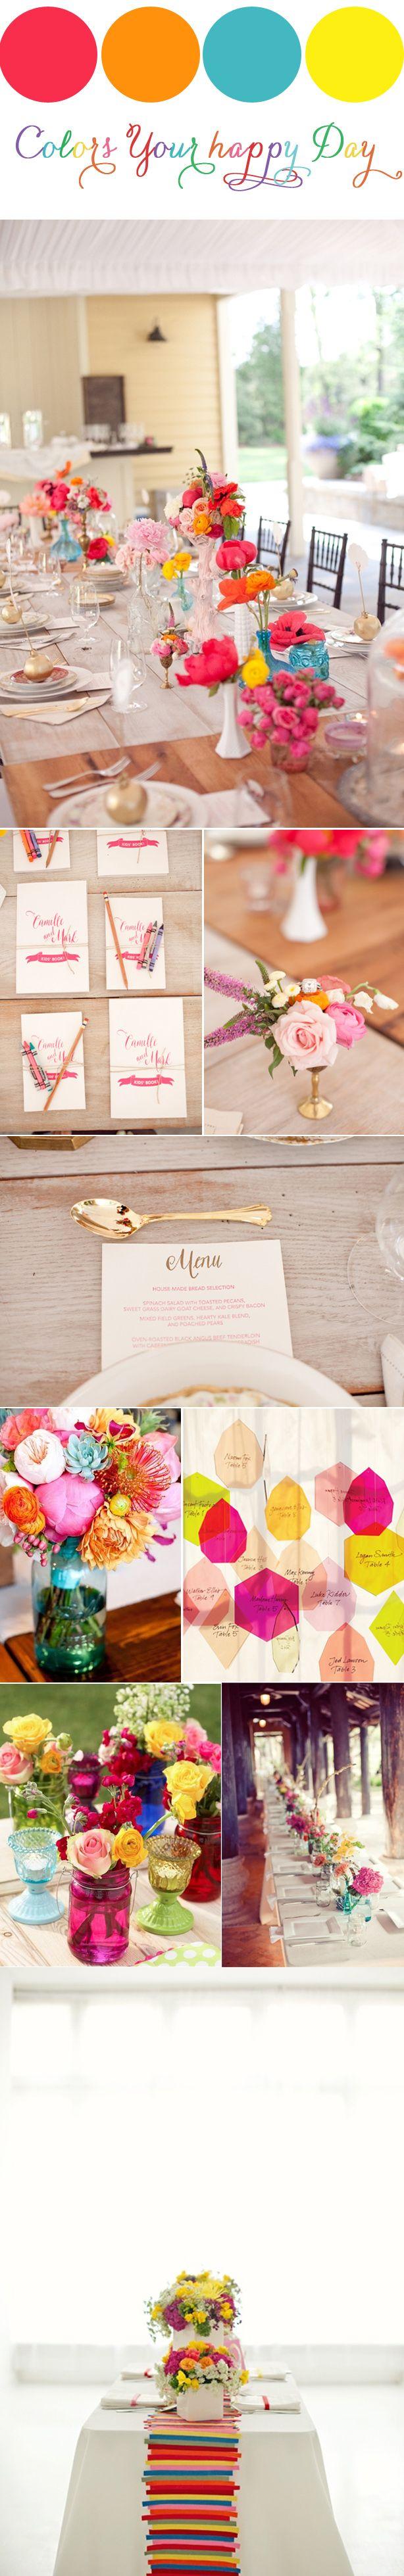 2.Carnet-d-inspiration-Colors-your-happy-Day-le-blog-de-madame-c-déco